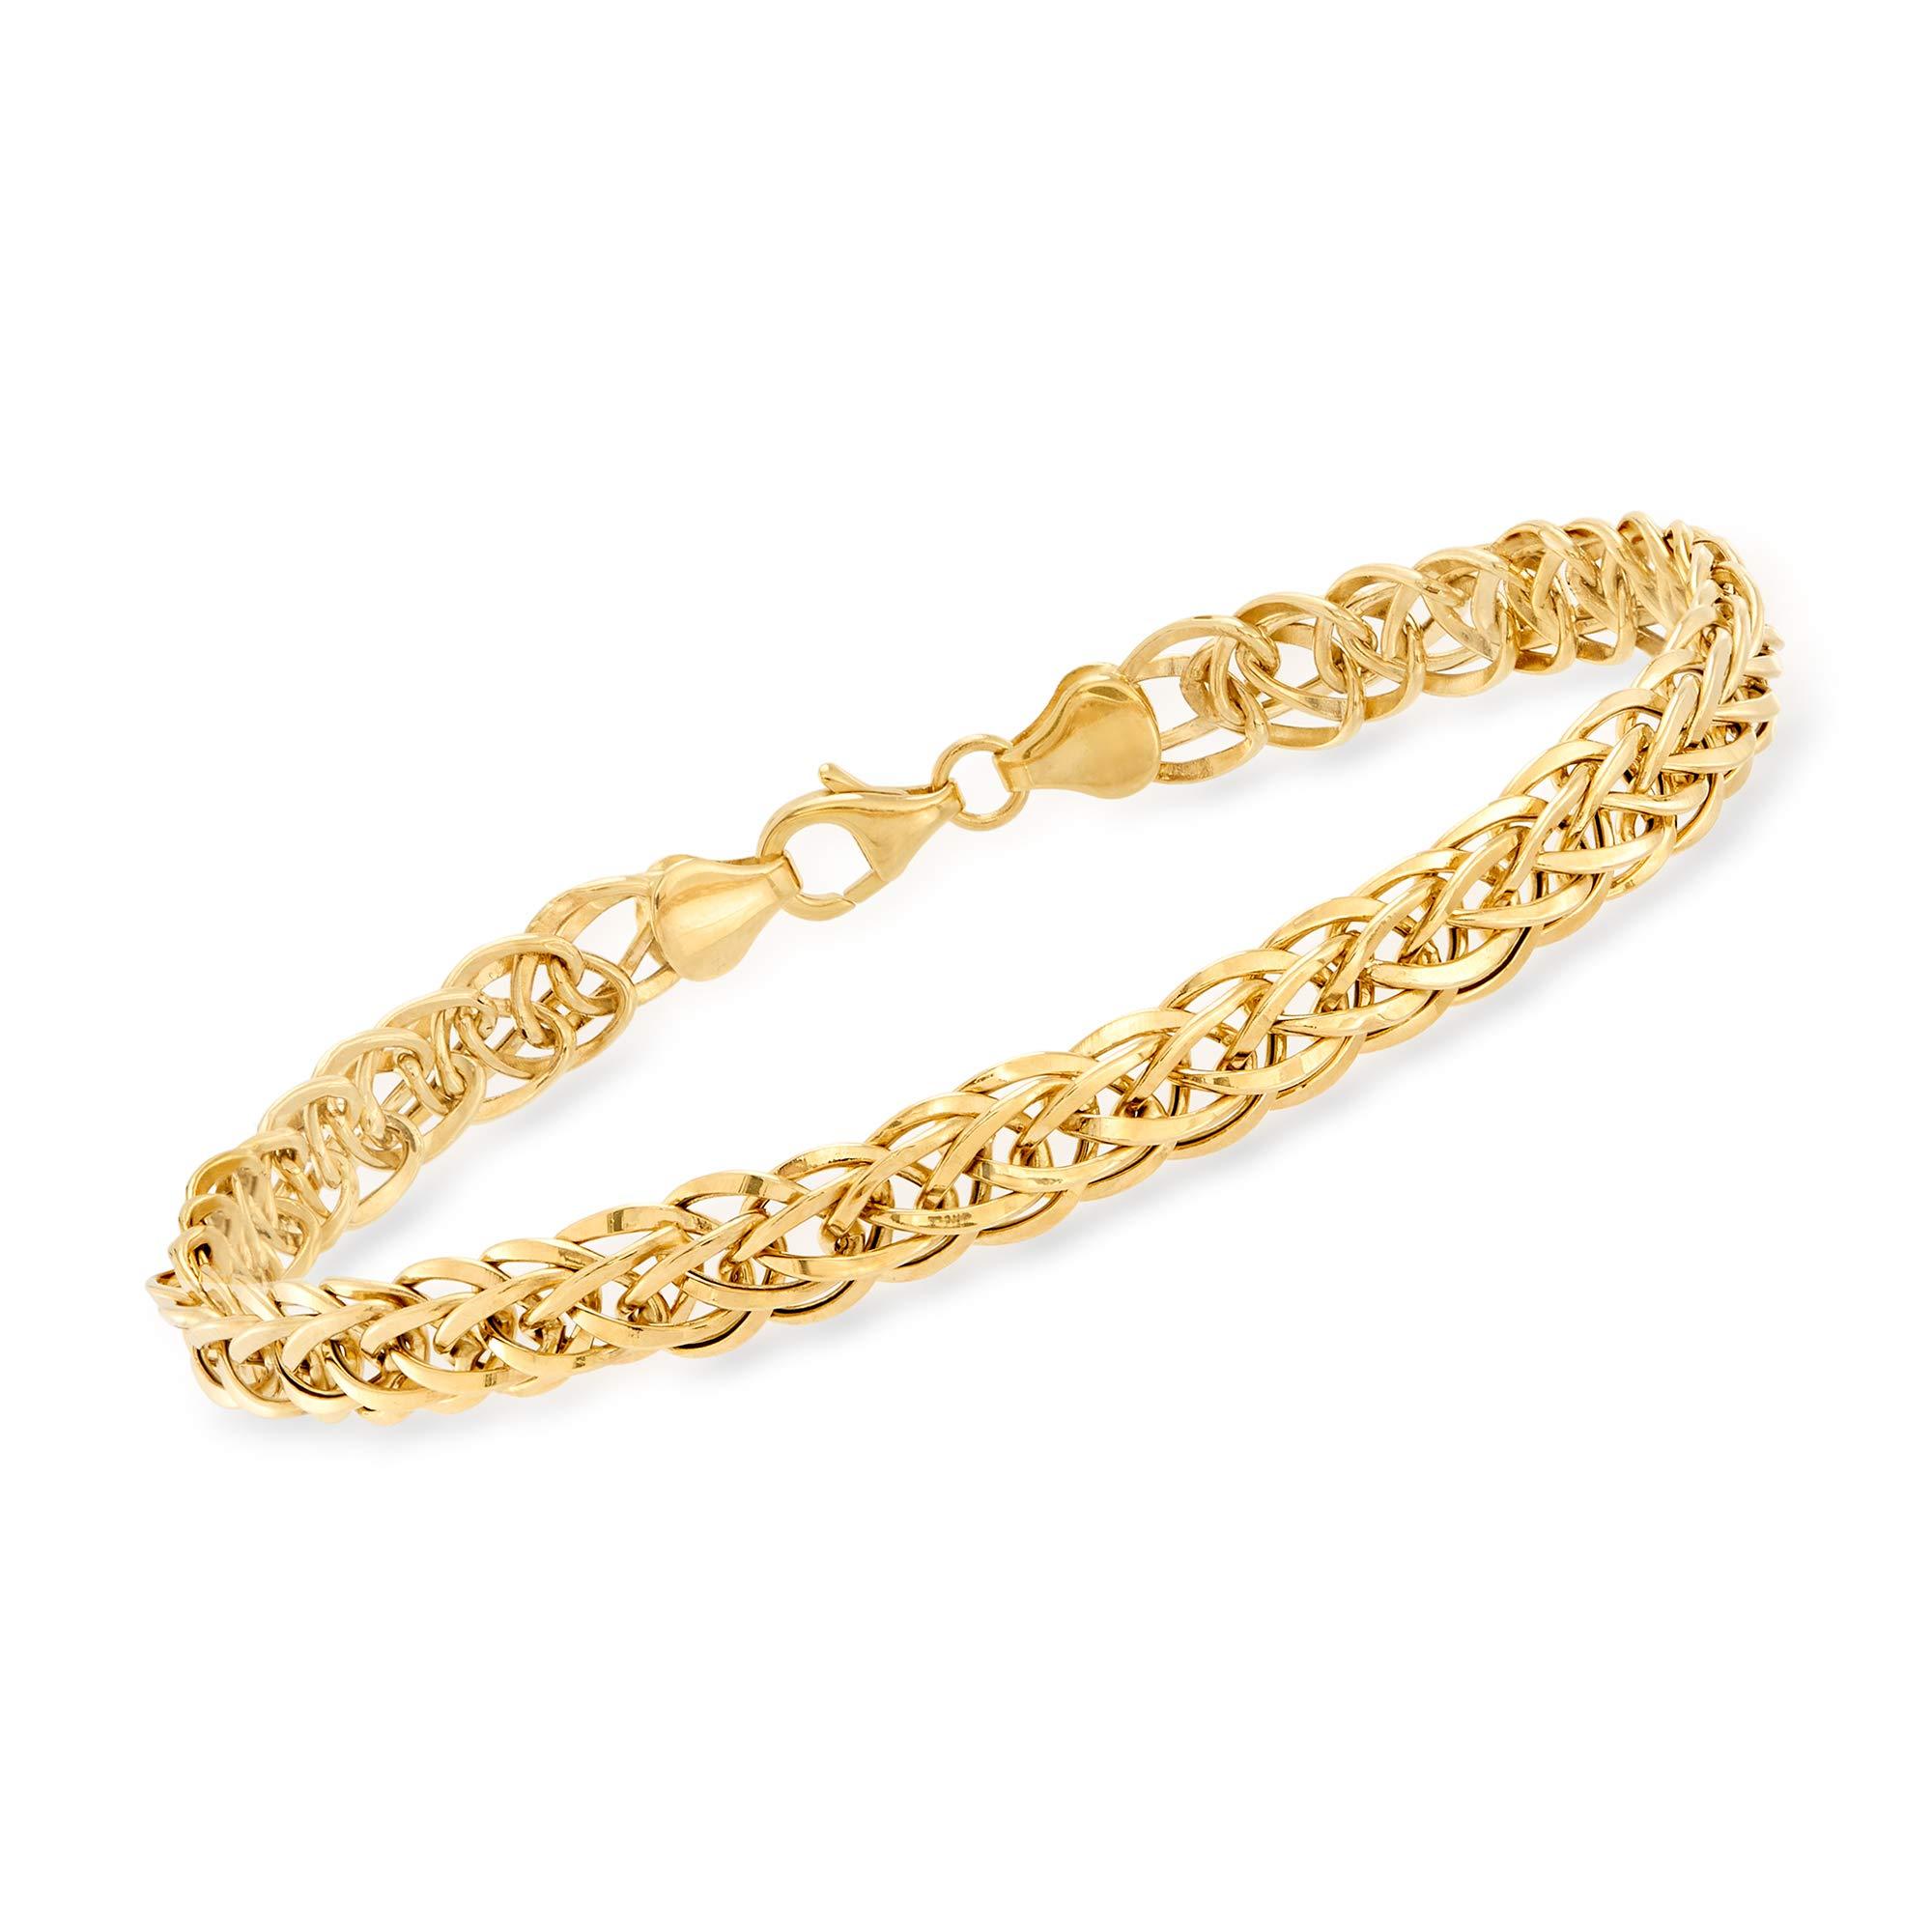 Ross-Simons 14kt Yellow Gold Wheat-Link Bracelet by Ross-Simons